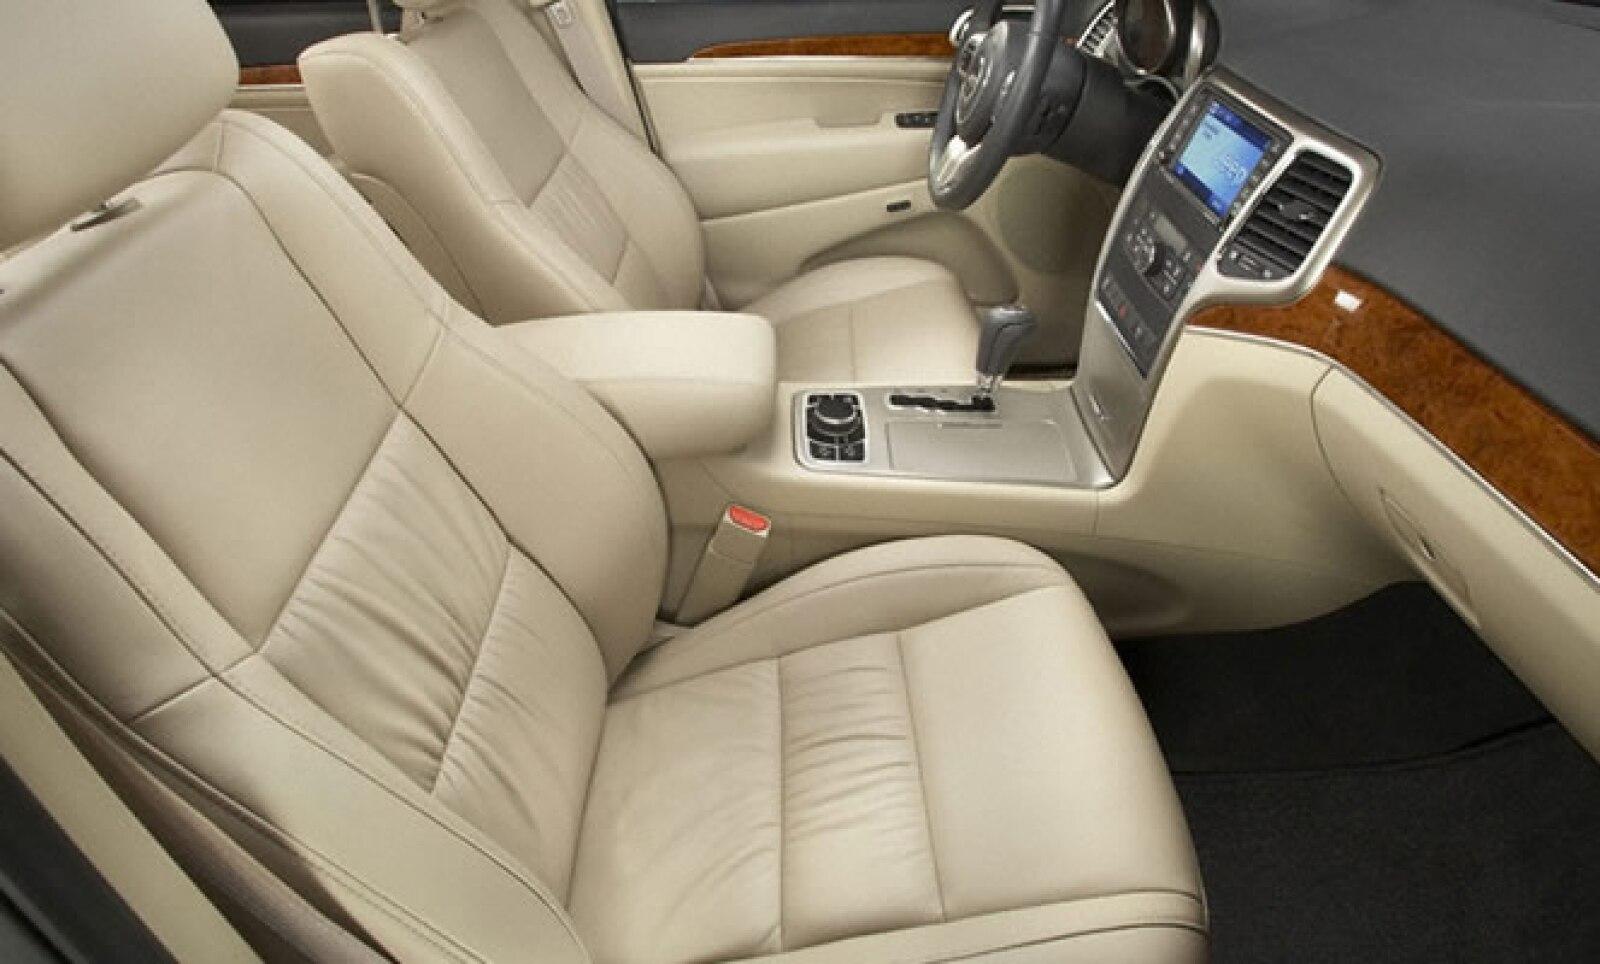 Los asientos están forrados en cuero, con inserciones de madera genuinas y sistema de audio Alpine con memoria de 30 gb, conectividad Bluetooth y USB.